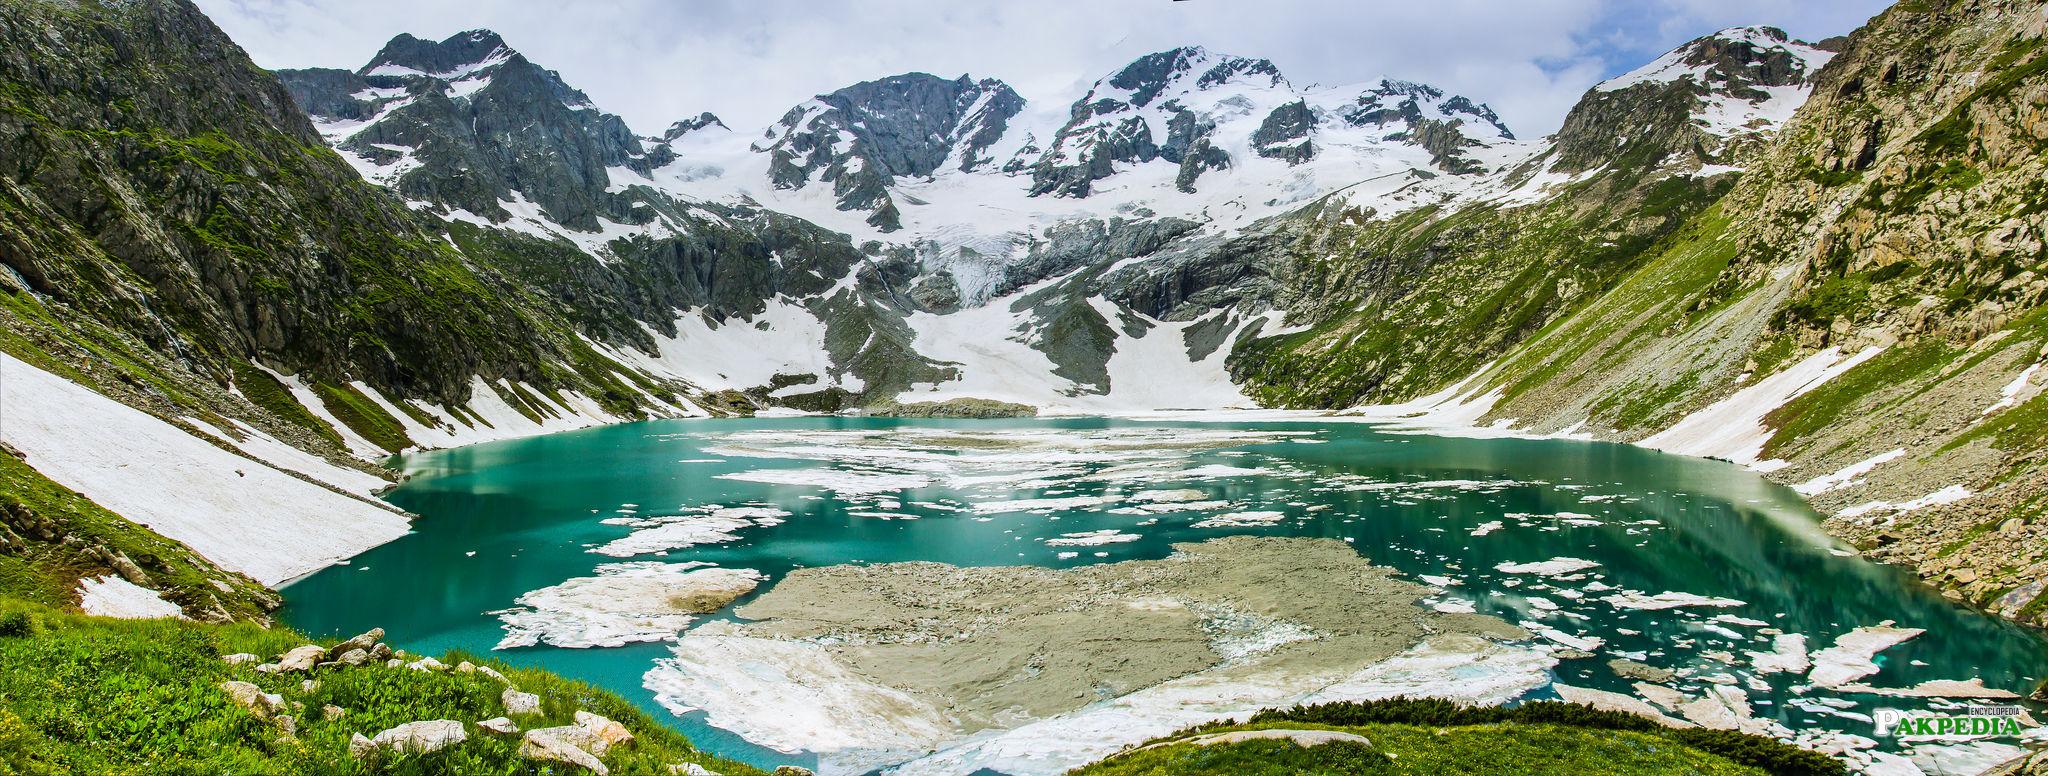 Pakistan's Beautiful Place